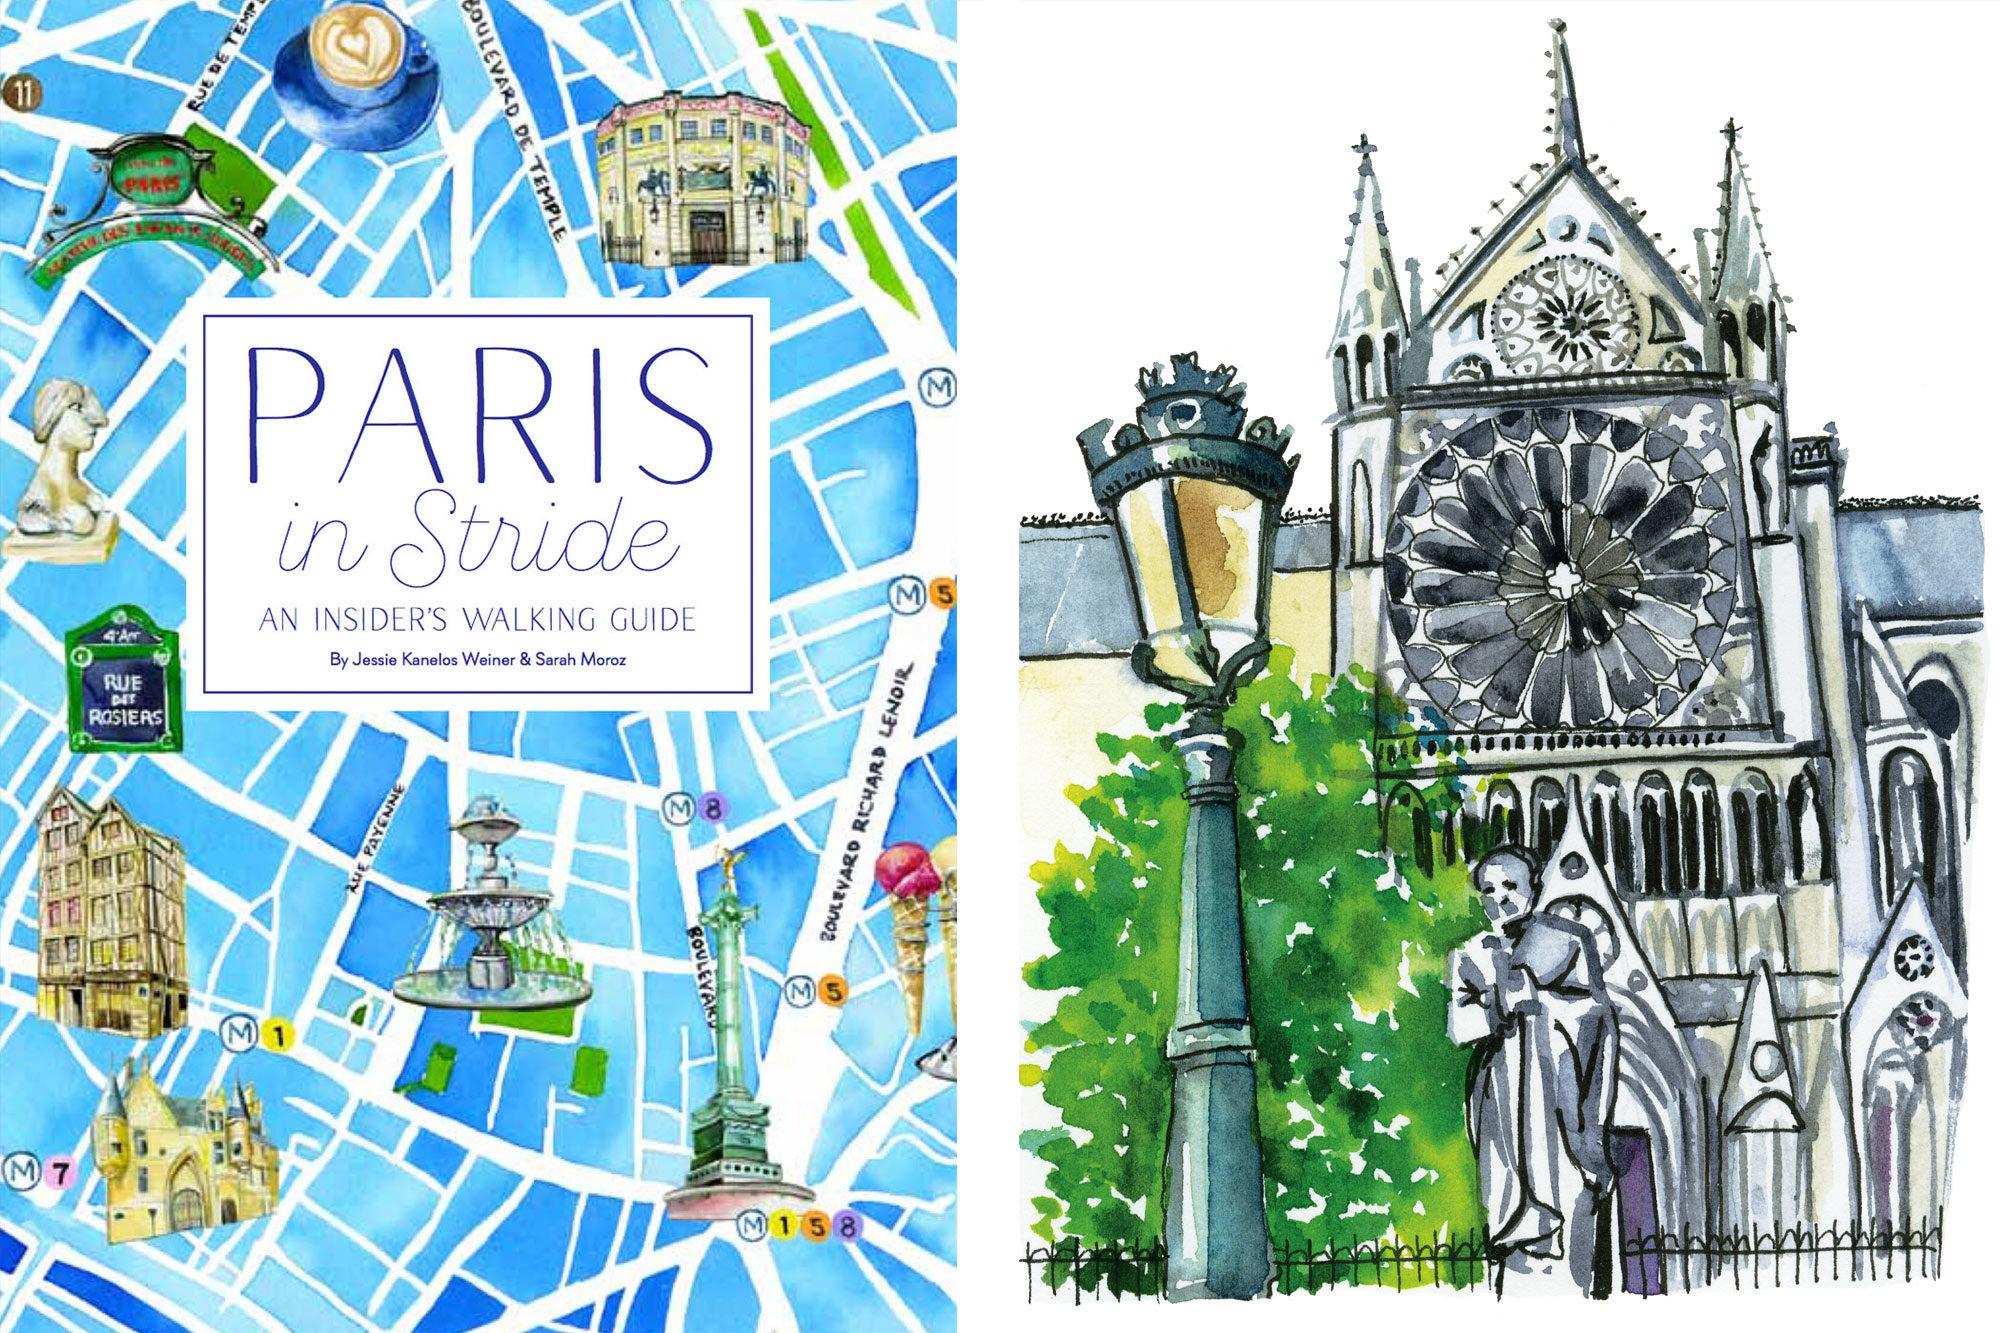 Paris in Stride Jessie Kanelos Weiner